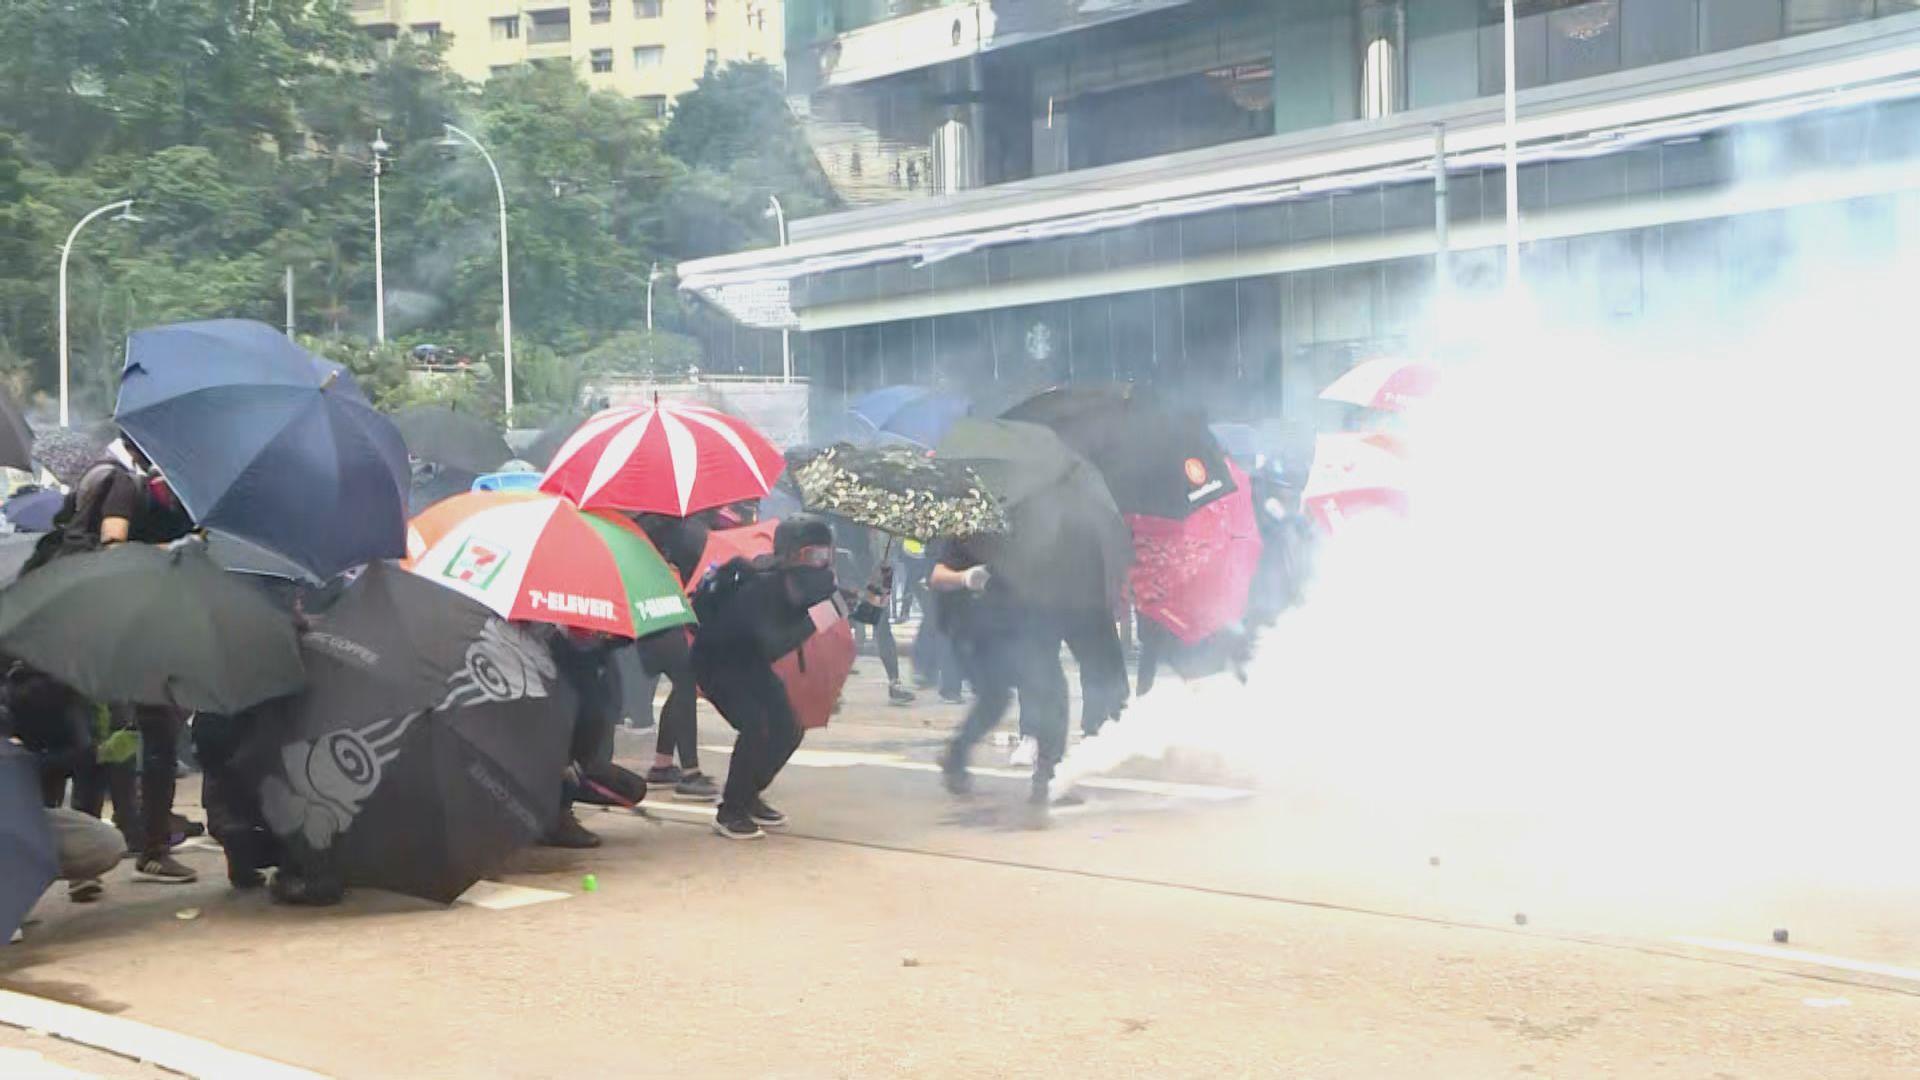 警方周末拘157人 其中67人是學生